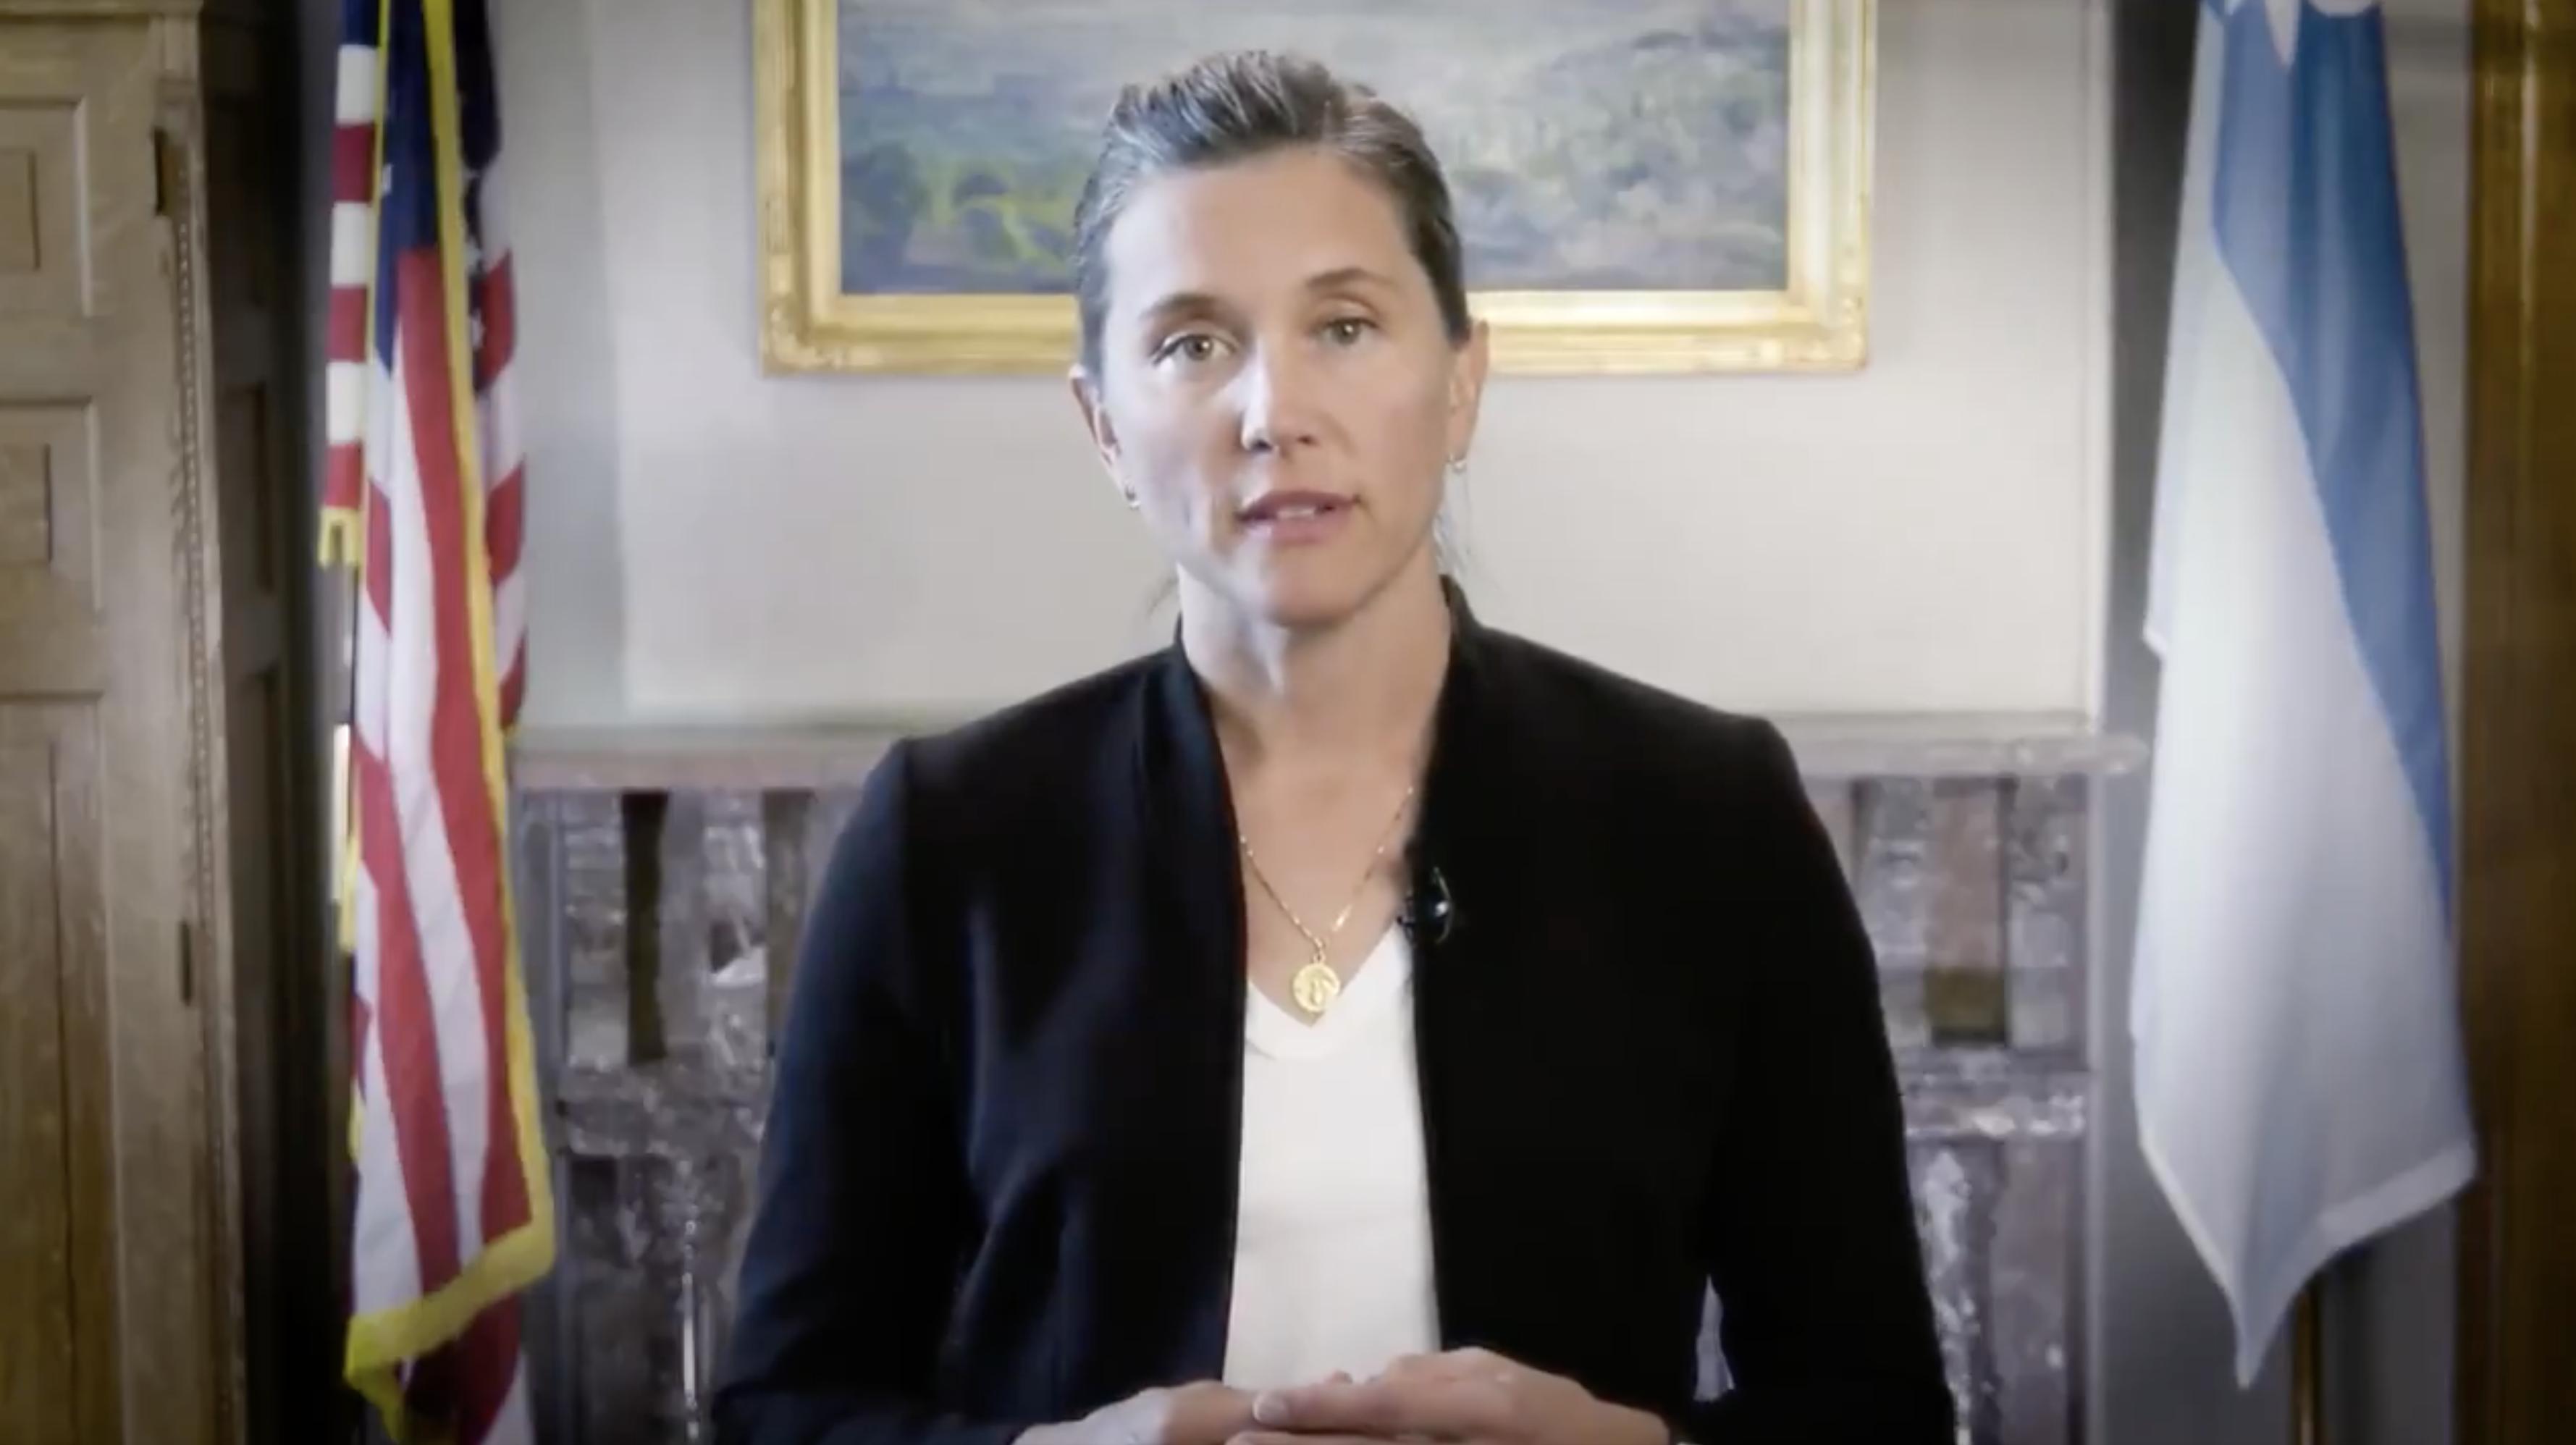 Salt Lake City Mayor Erin Mendenhall speaks in a video posted on Twitter on Thursday, Sept. 9, 2021.